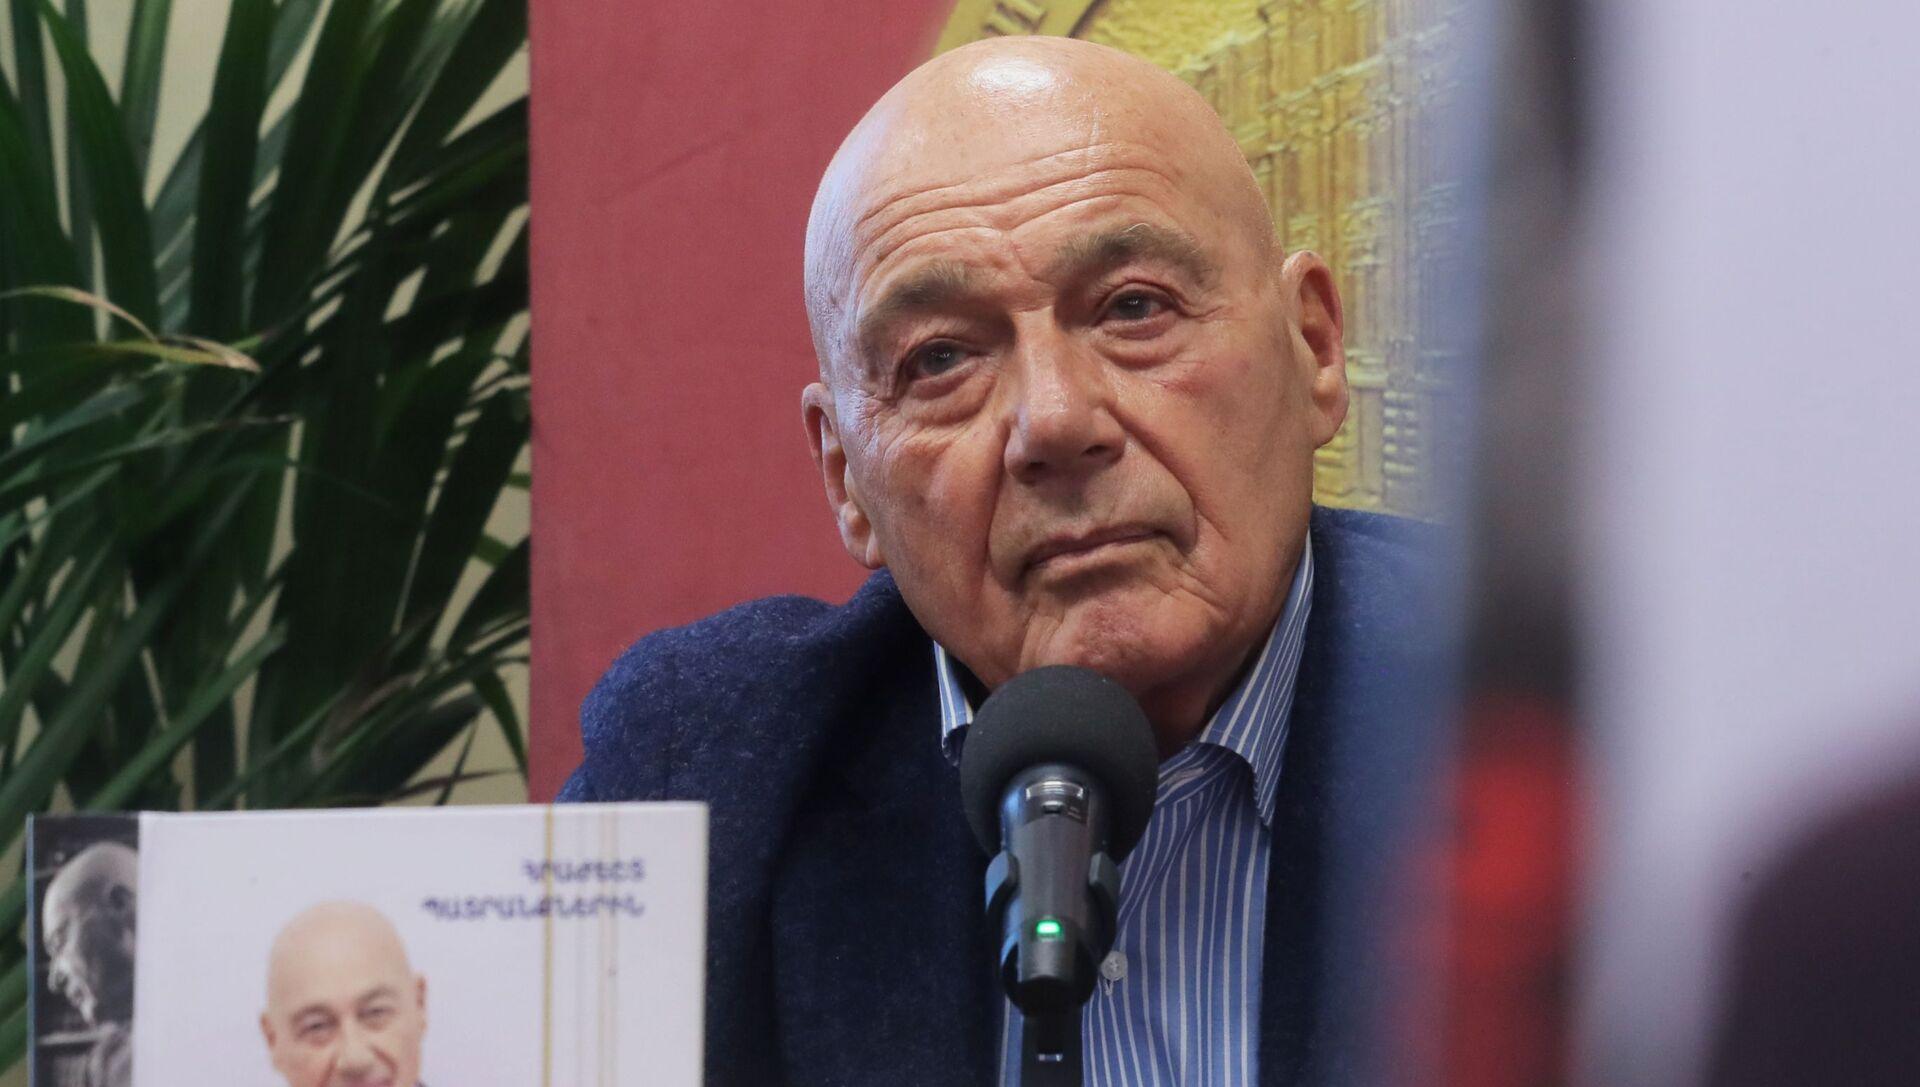 Журналист, телеведущий и писатель Владимир Познер - Sputnik Грузия, 1920, 05.04.2021